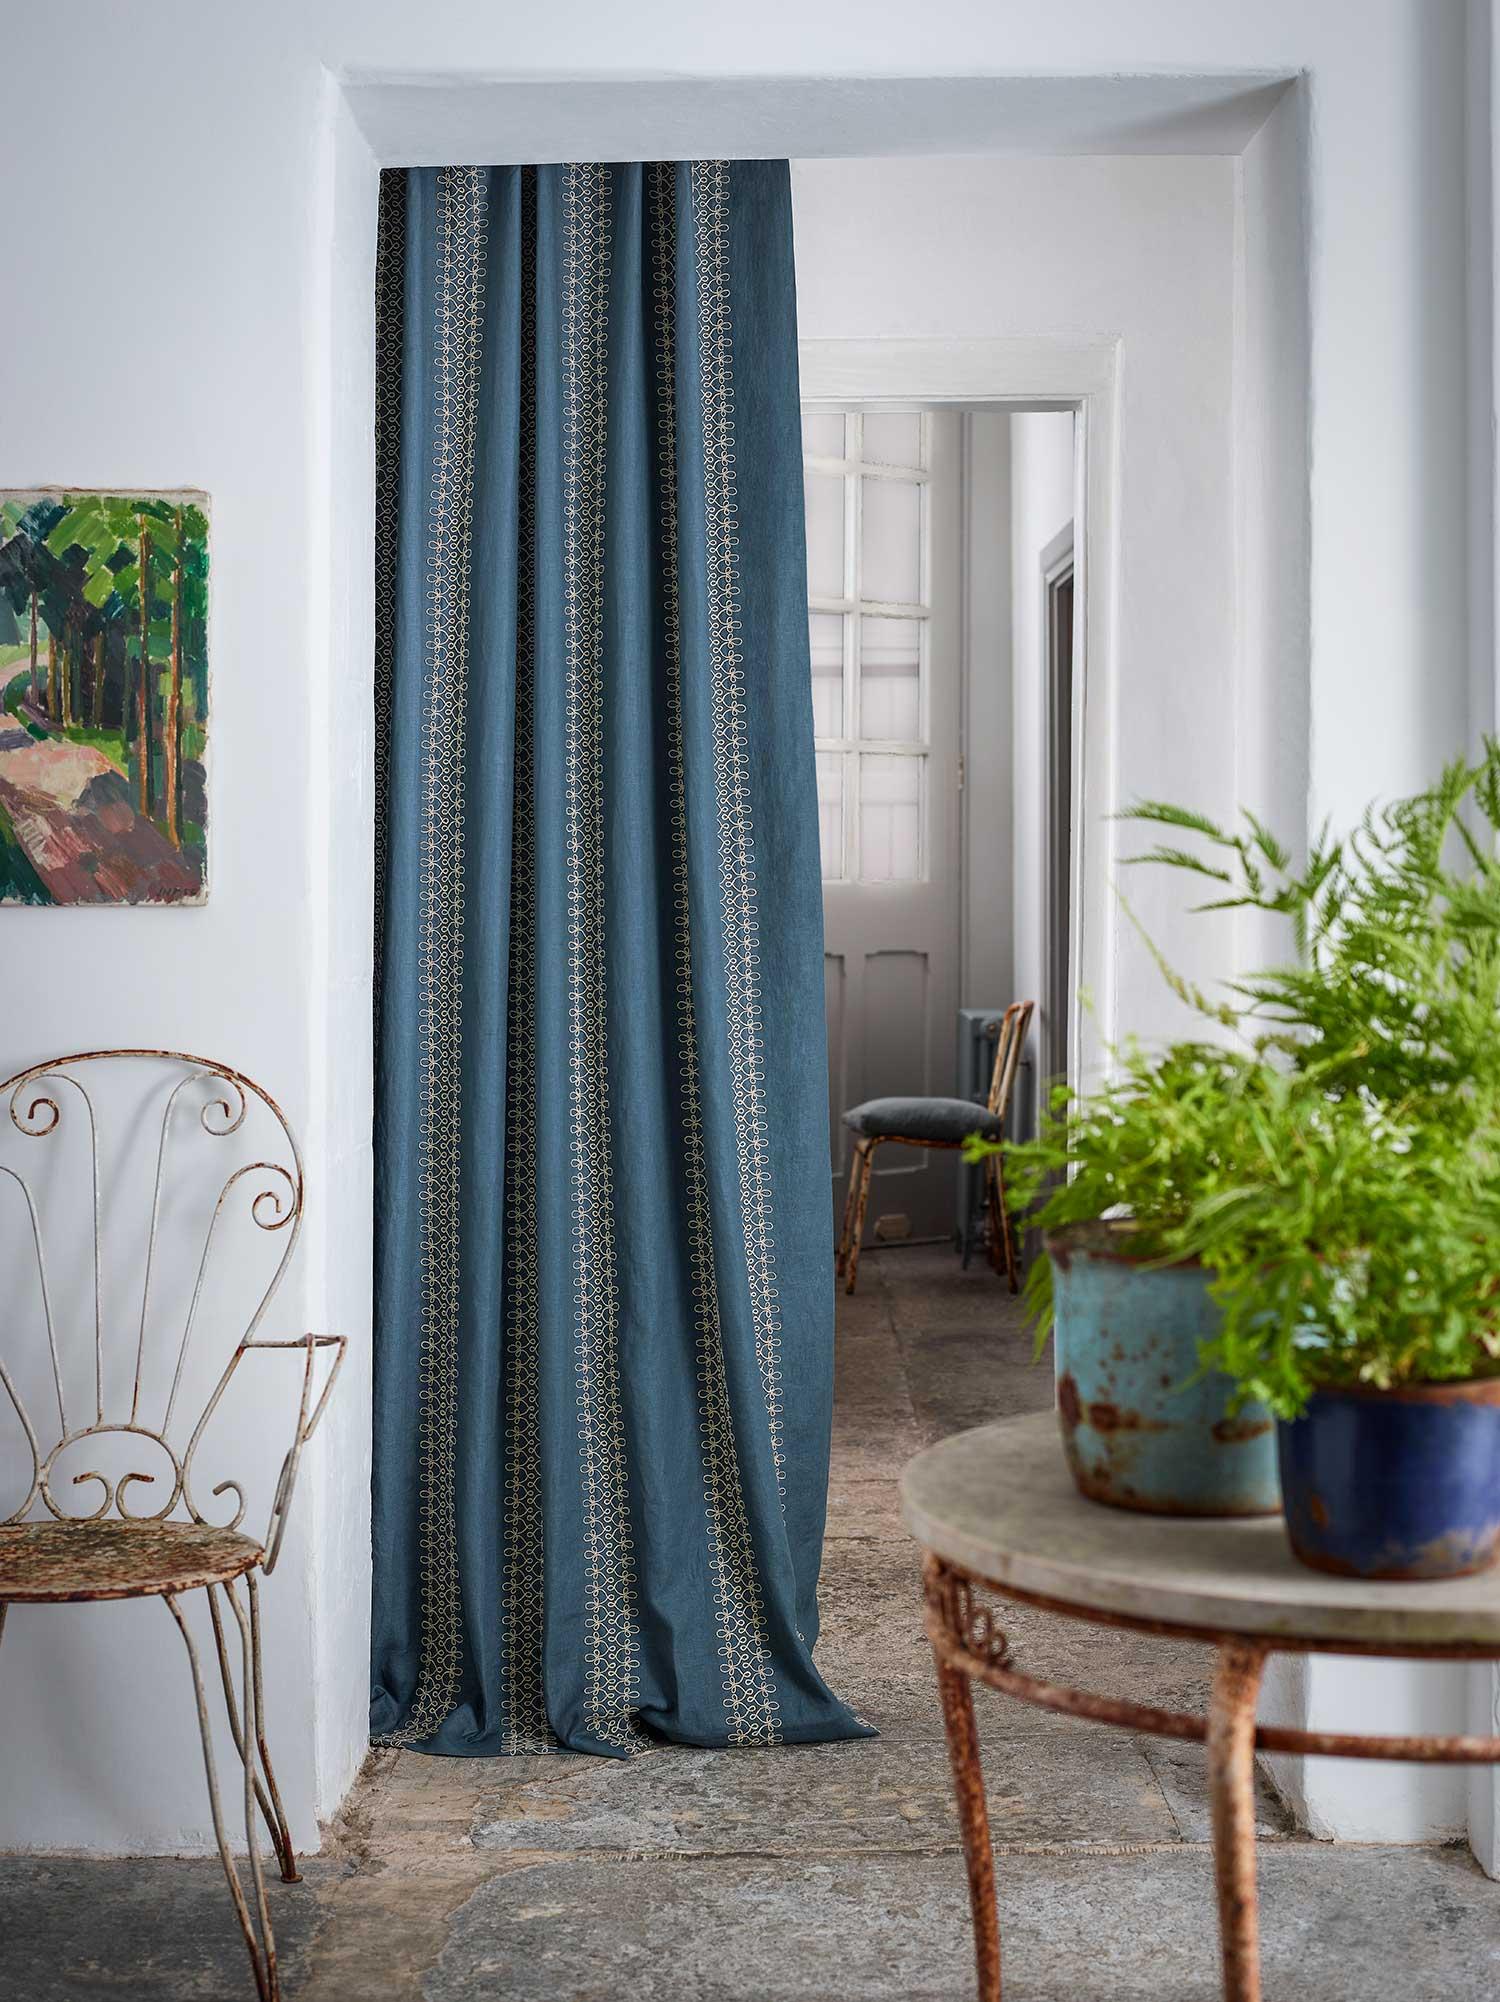 arredamento per la casa a roma ostia e casal palocco ambienti roma. Black Bedroom Furniture Sets. Home Design Ideas